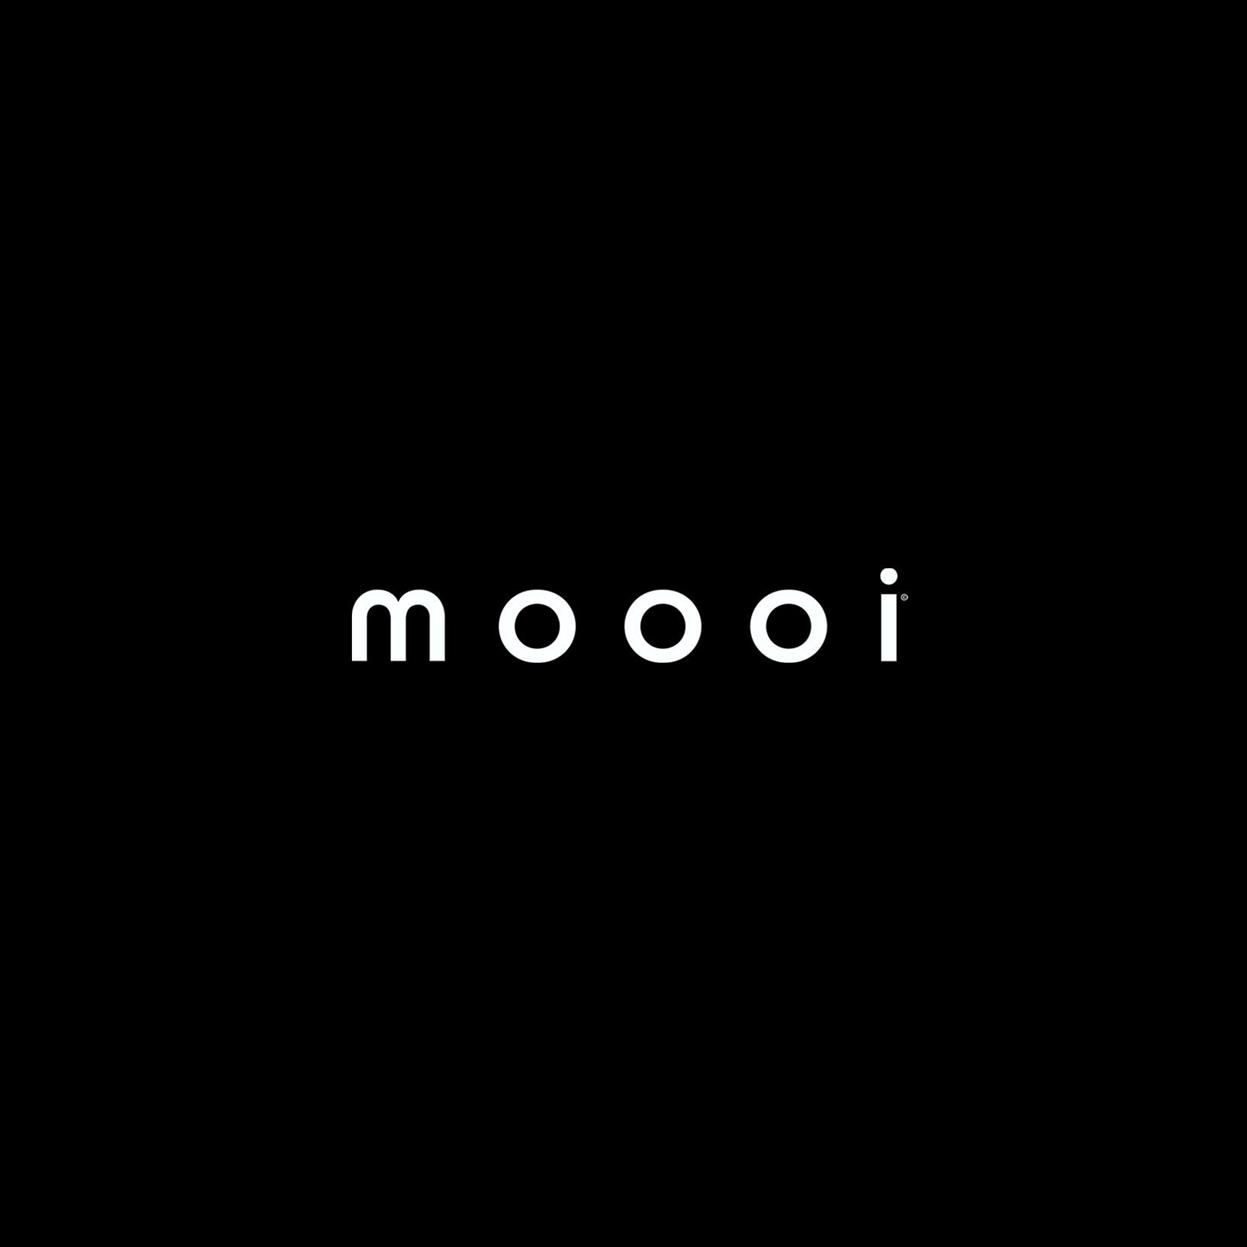 moooi - Objekte Licht & Raum GmbH in Hamburg